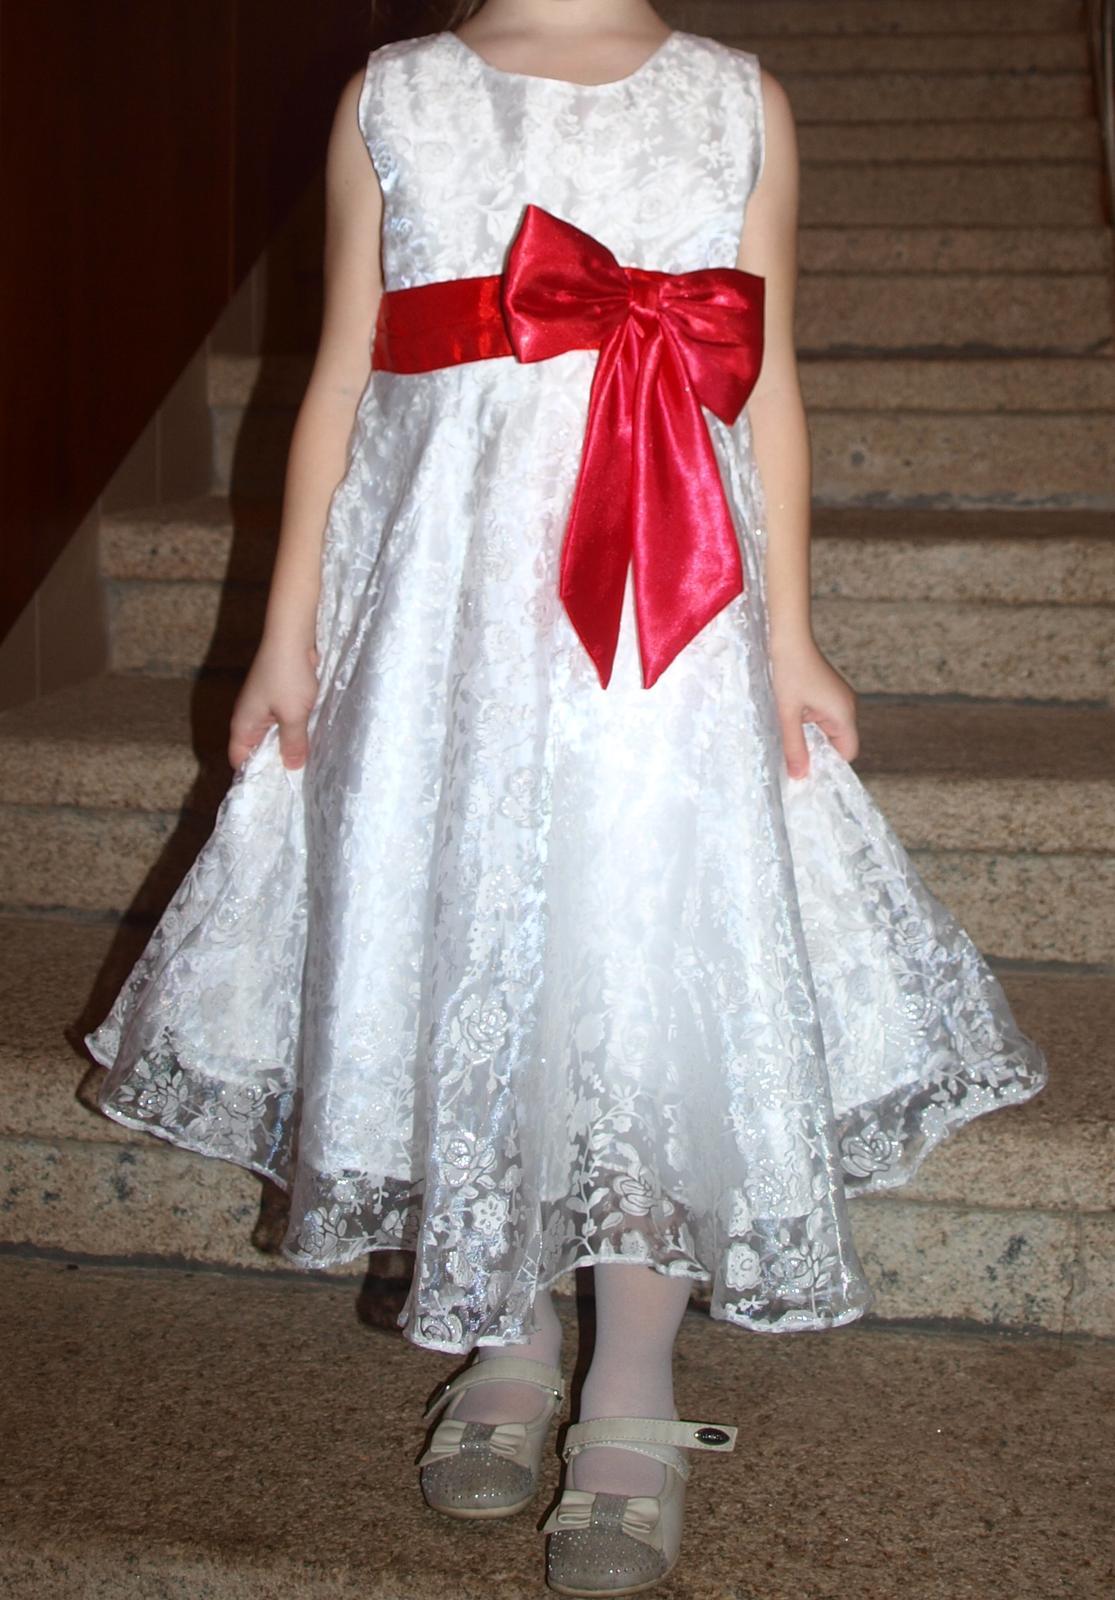 Bílé dívčí šaty s červenou mašlí (4-5 let) b50611fa5b